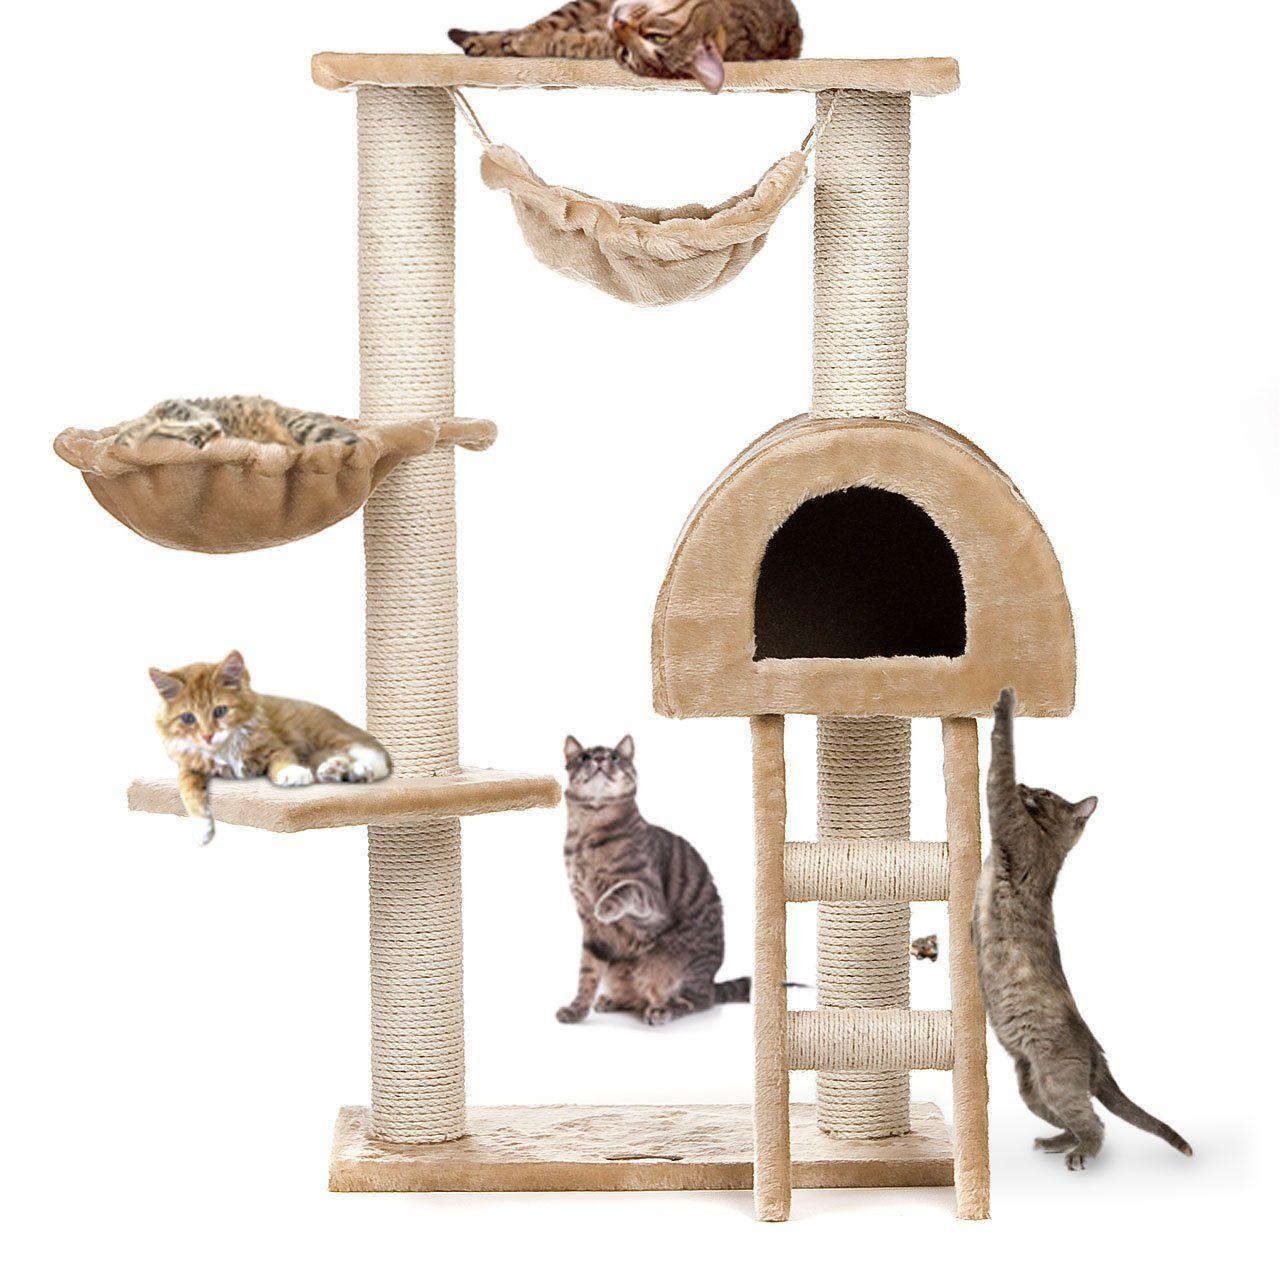 Happypet® CAT018 Kratzbaum Katzenbaum Mittelhoch 1,00 Hoch Beige: Amazon.de: